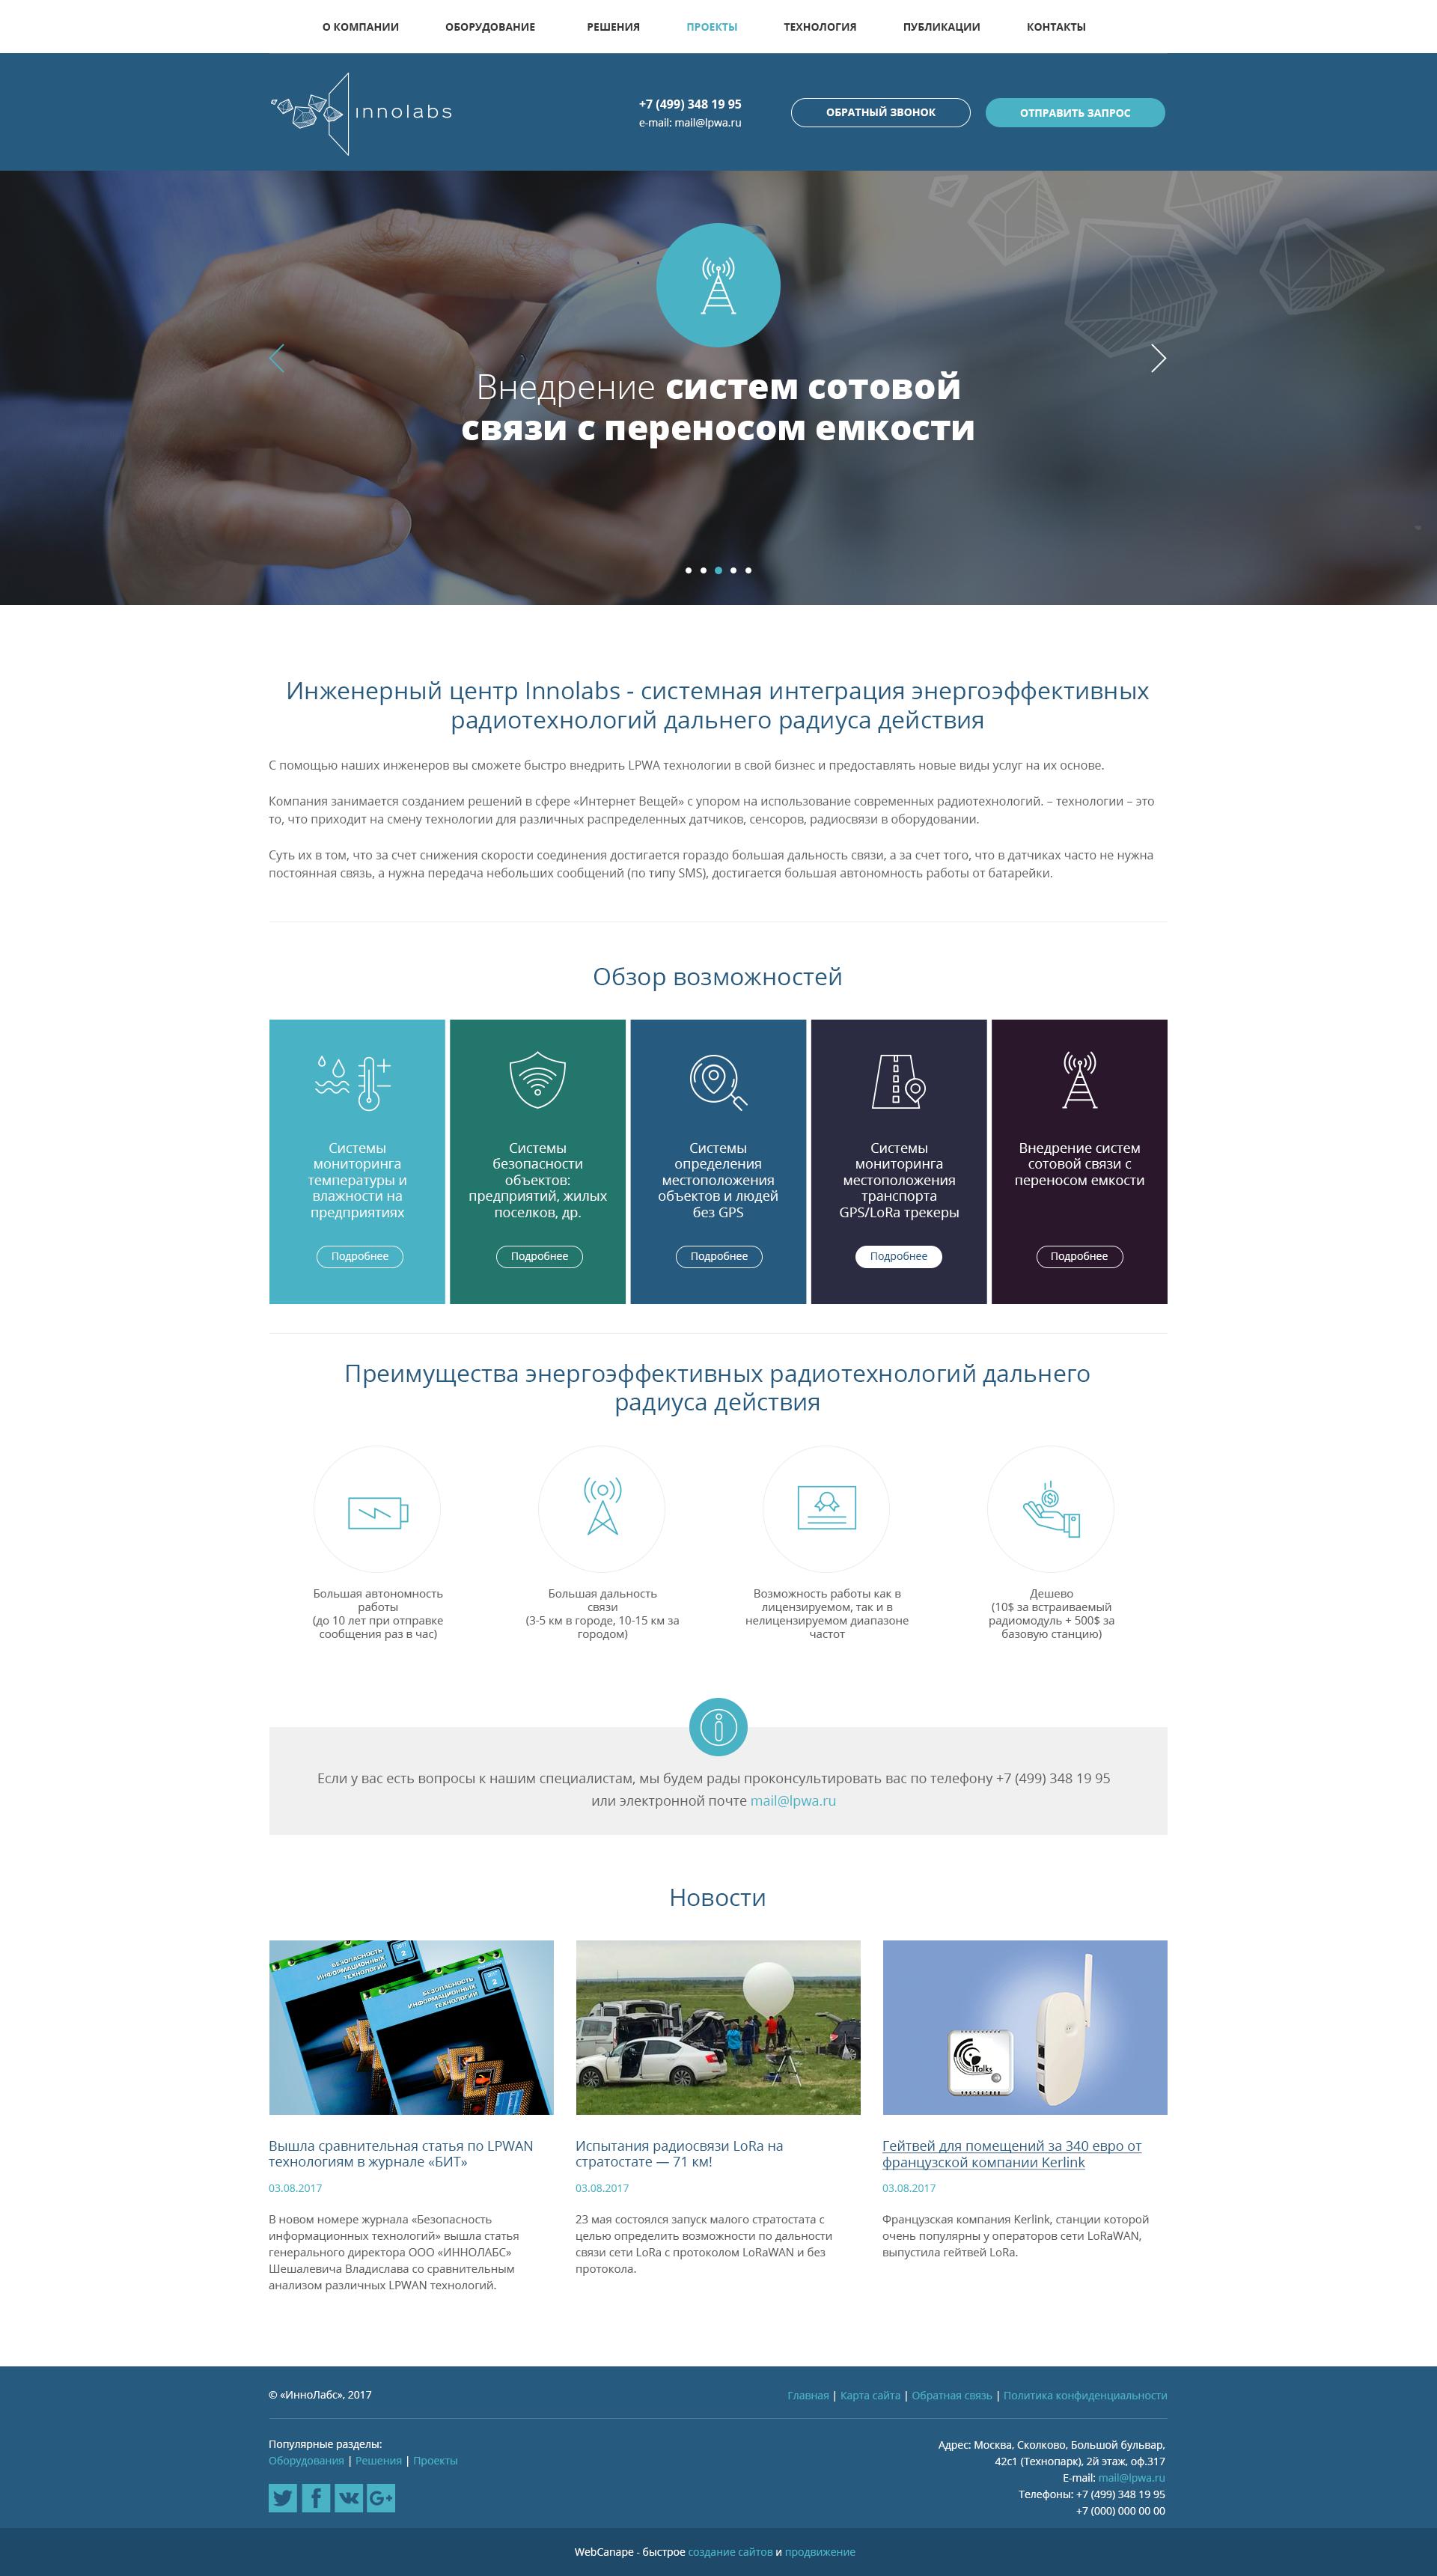 Разработка адаптивного сайта-каталога для инженерного центра, внедряющего LPWA-технологии